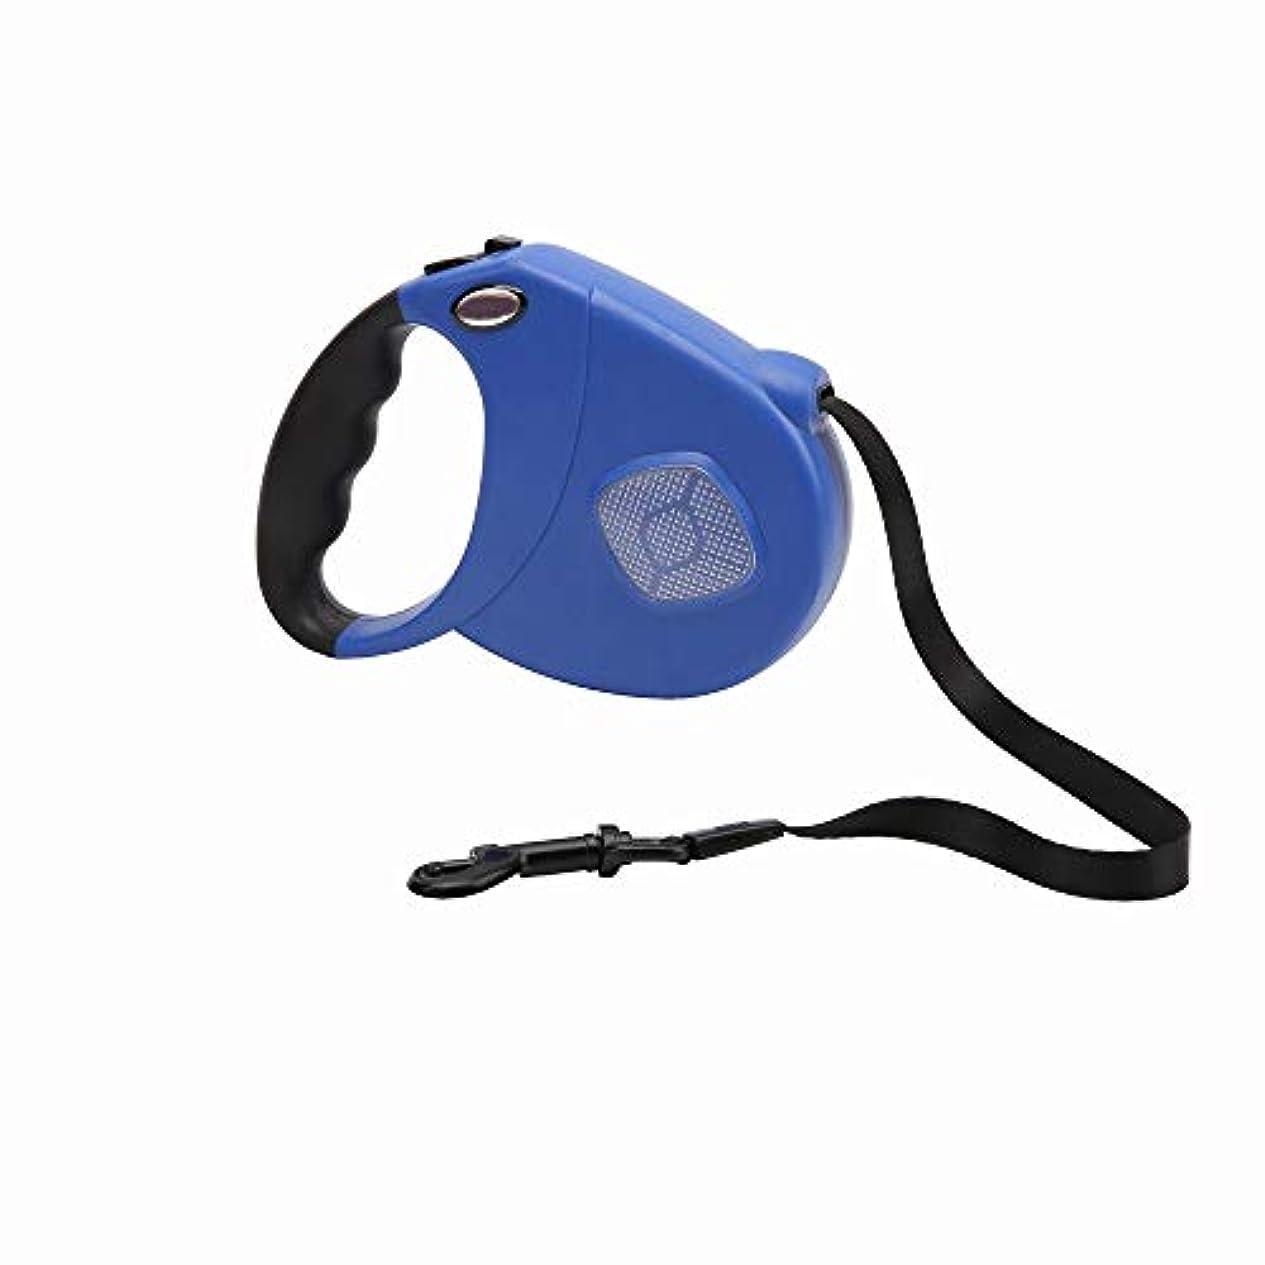 組み合わせタンザニア拾うJiabei ペット自動伸縮牽引ロープ中小犬ペット用品牽引ロープチェーンリーシュ (色 : 青, サイズ : 5M100)